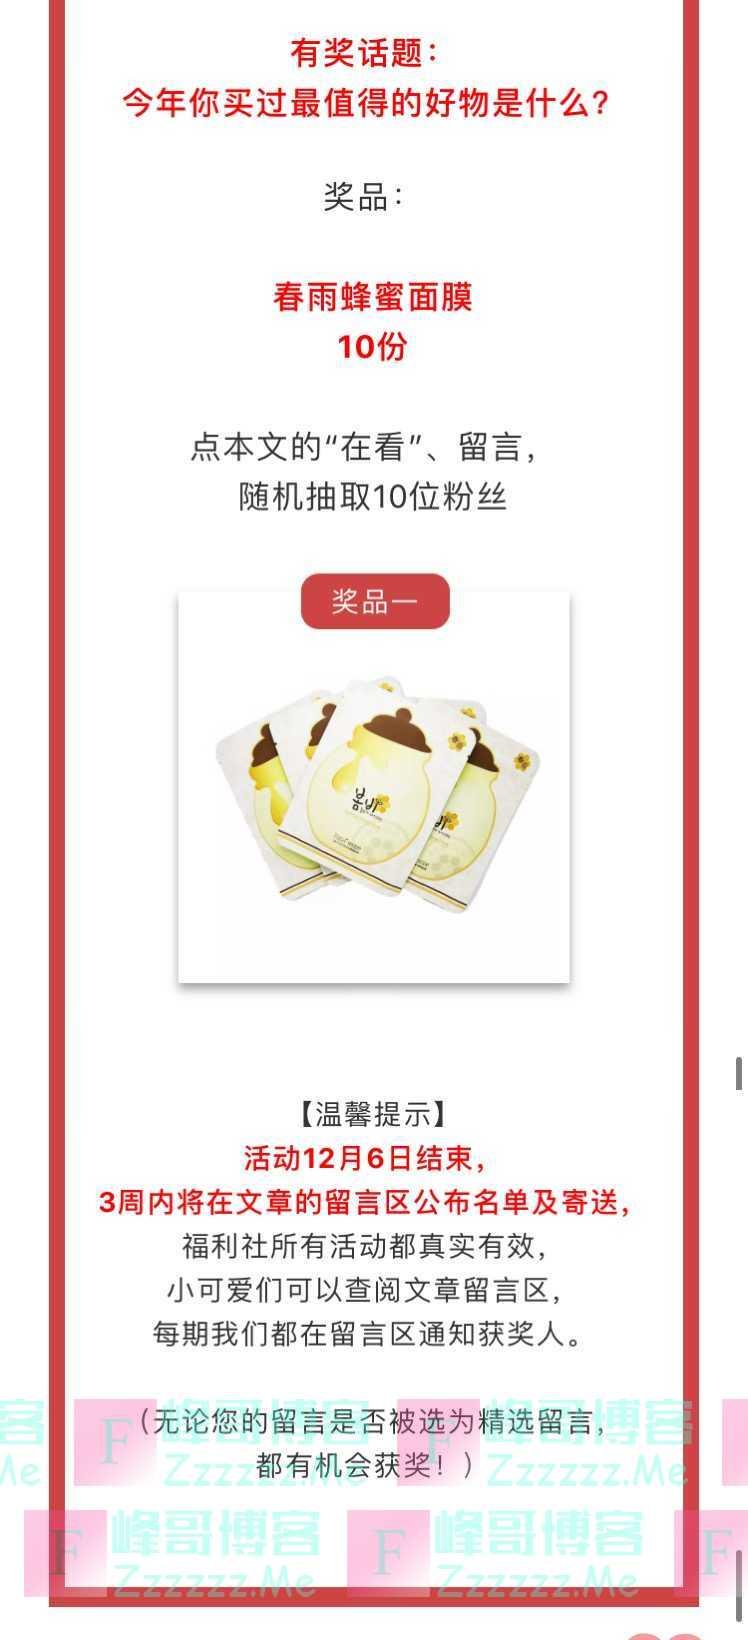 屈臣氏福利社有奖话题(12月6日截止)